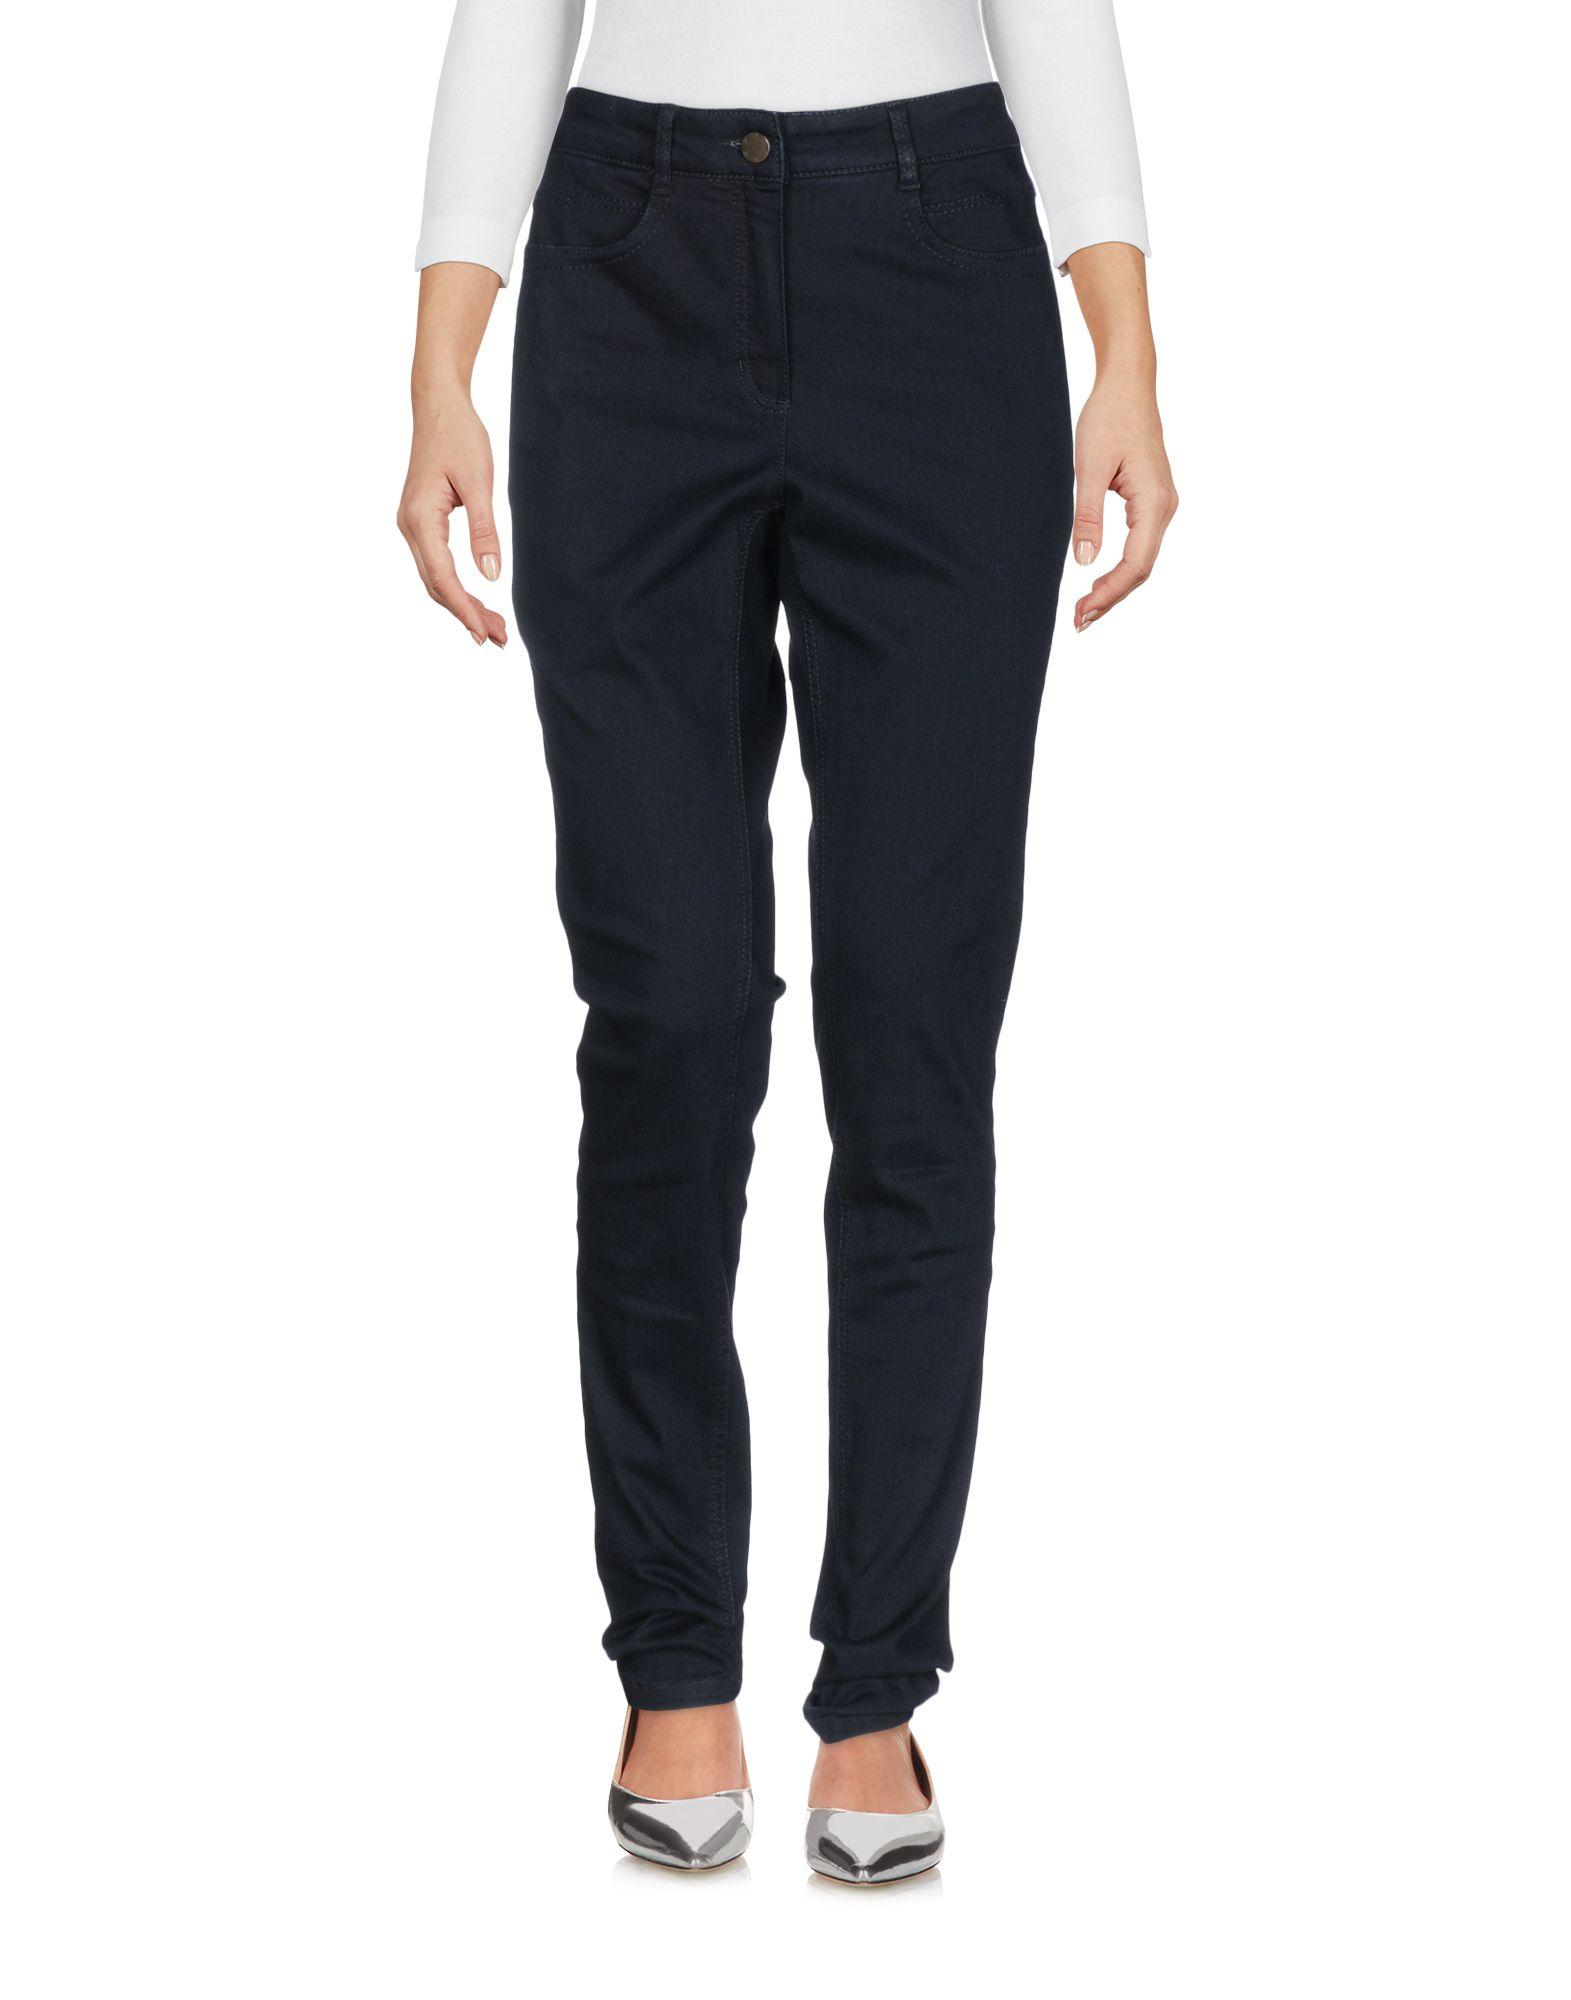 BASLER Джинсовые брюки брюки basler брюки стрейч